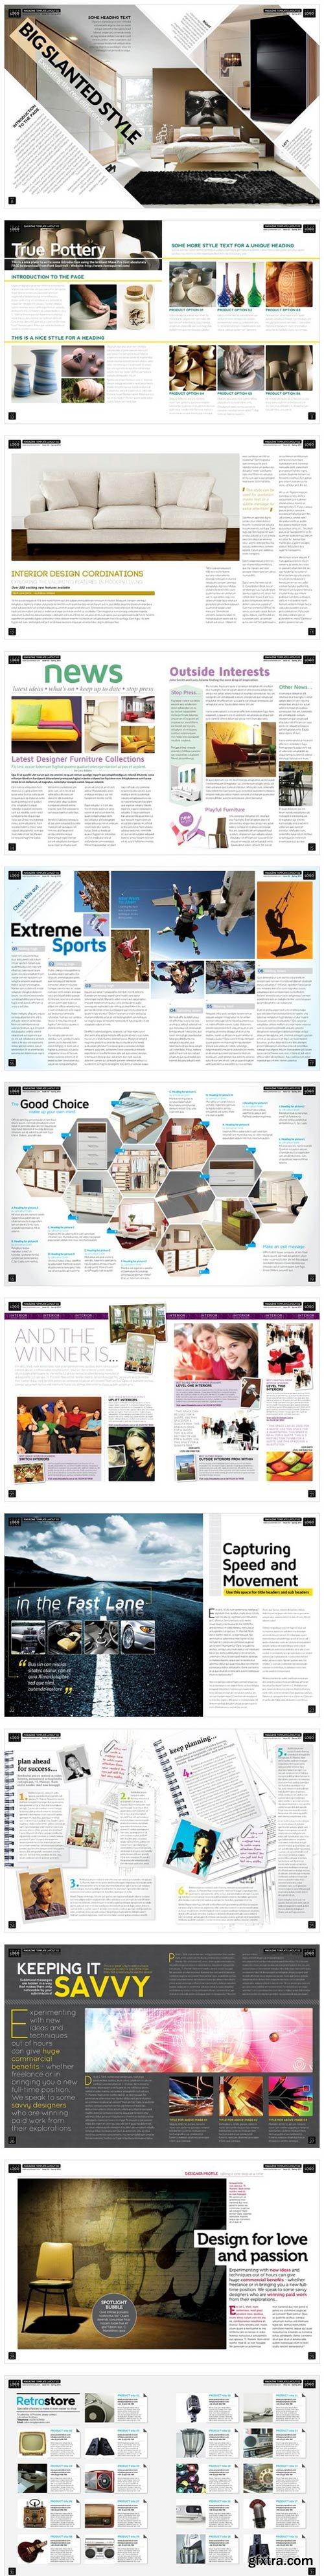 CM - Magazine Template InDesign 02 2359823